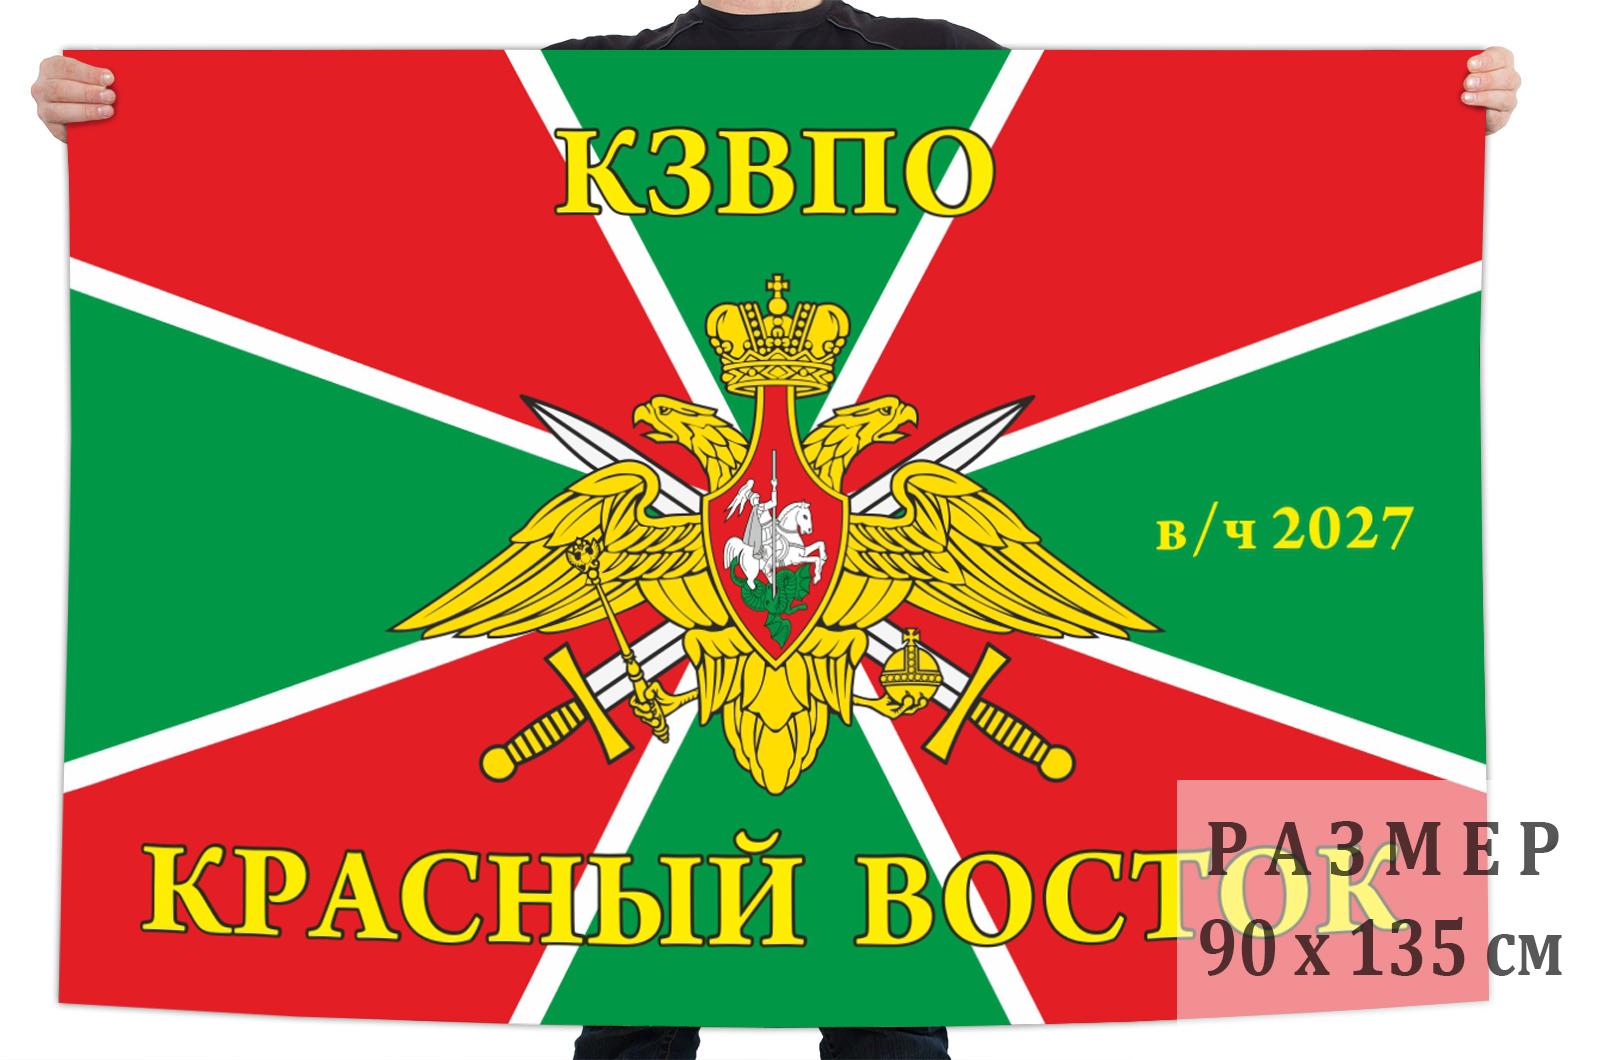 Пограничный флаг Красный Восток, КЗВПО, в/ч 2027